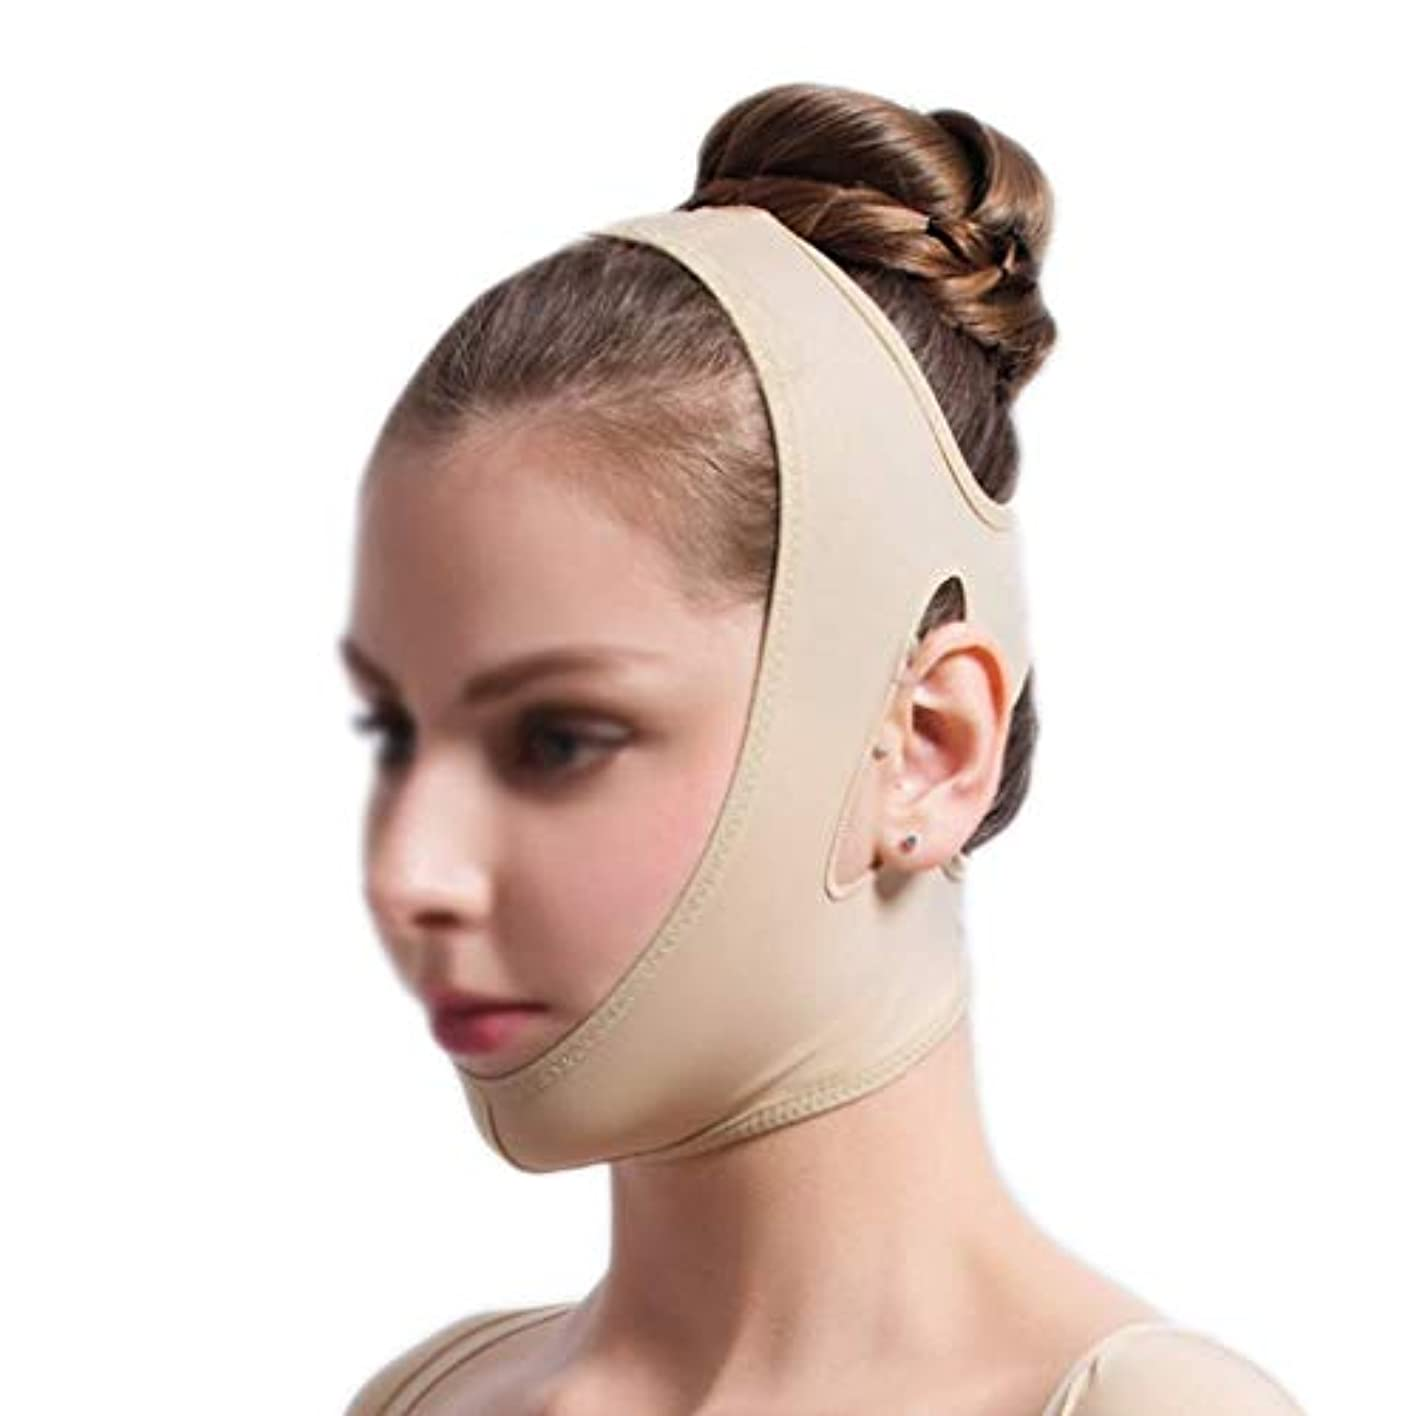 苦難素敵な病気フェイスリフティングバンデージ、フェイシャル減量マスク、フェイシャルリフティングスリミングベルト、痩身チークマスク(サイズ:S),S